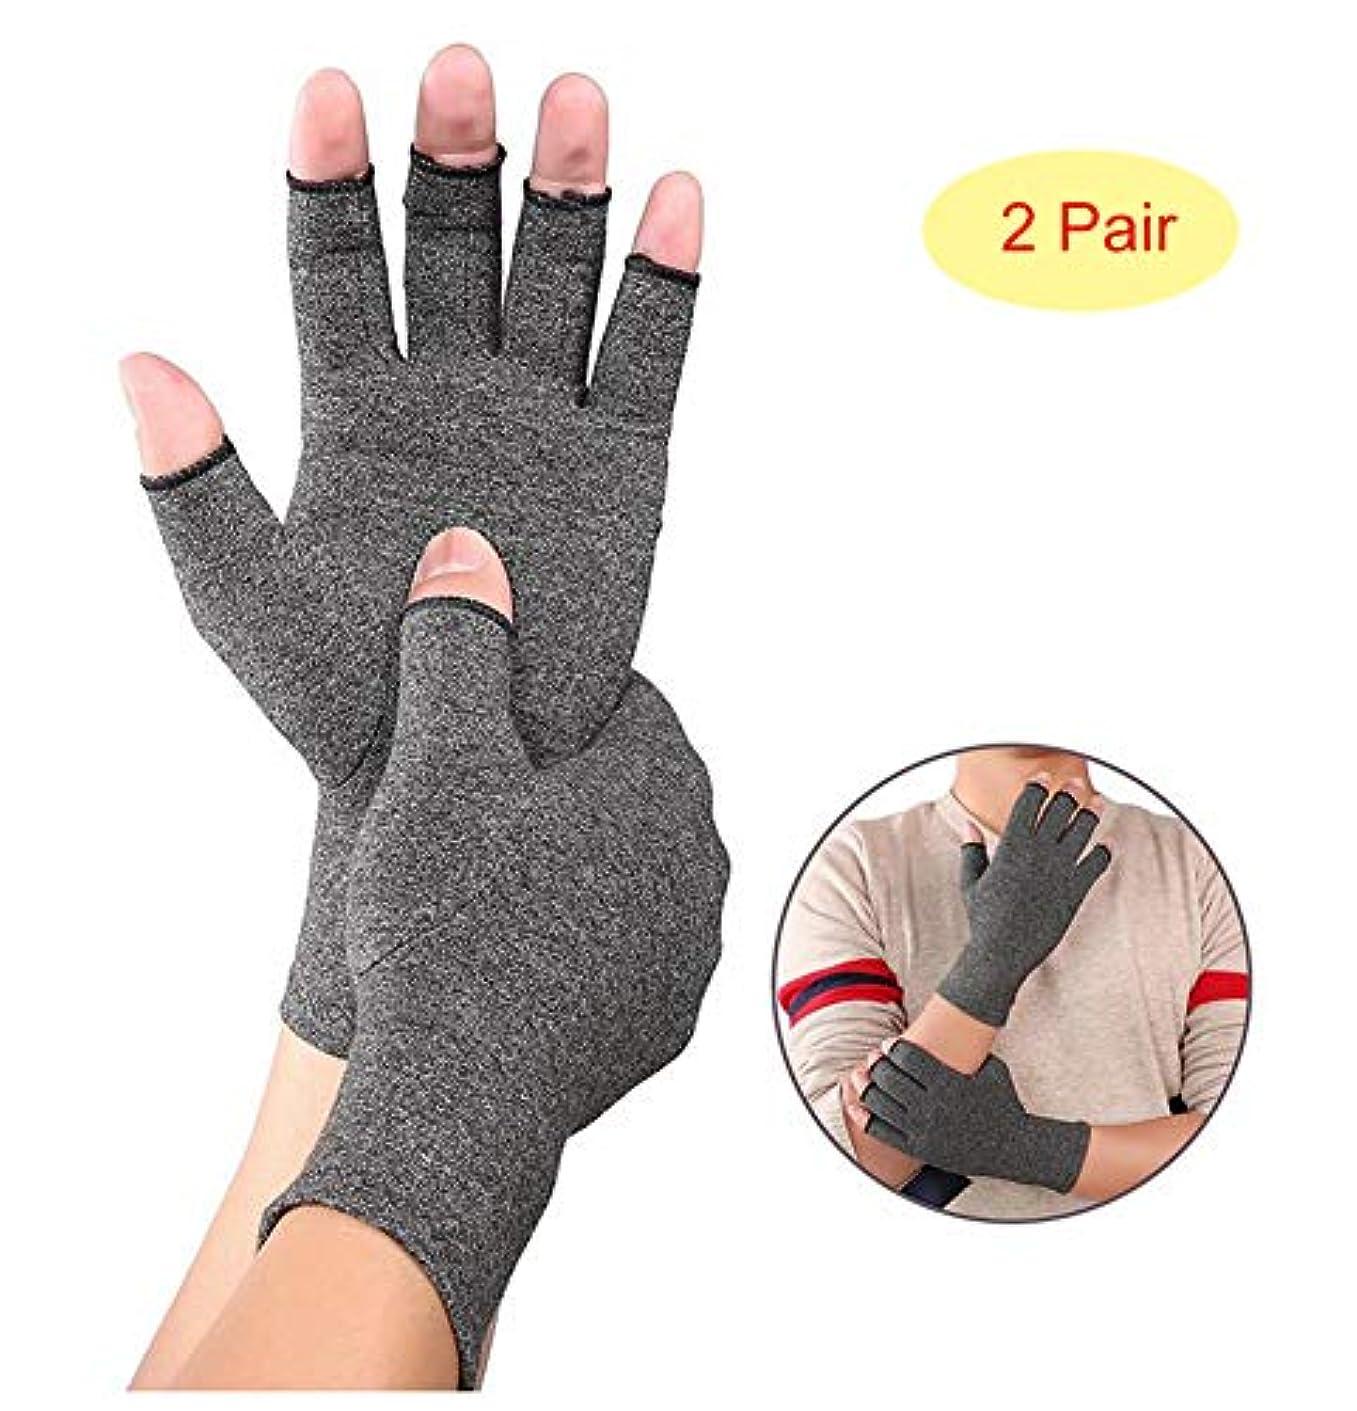 極めて穀物友情関節炎手袋、灰色通気性、毎日の仕事、手と関節の痛みの軽減のための抗関節炎の健康療法の圧縮手袋,2Pair,S